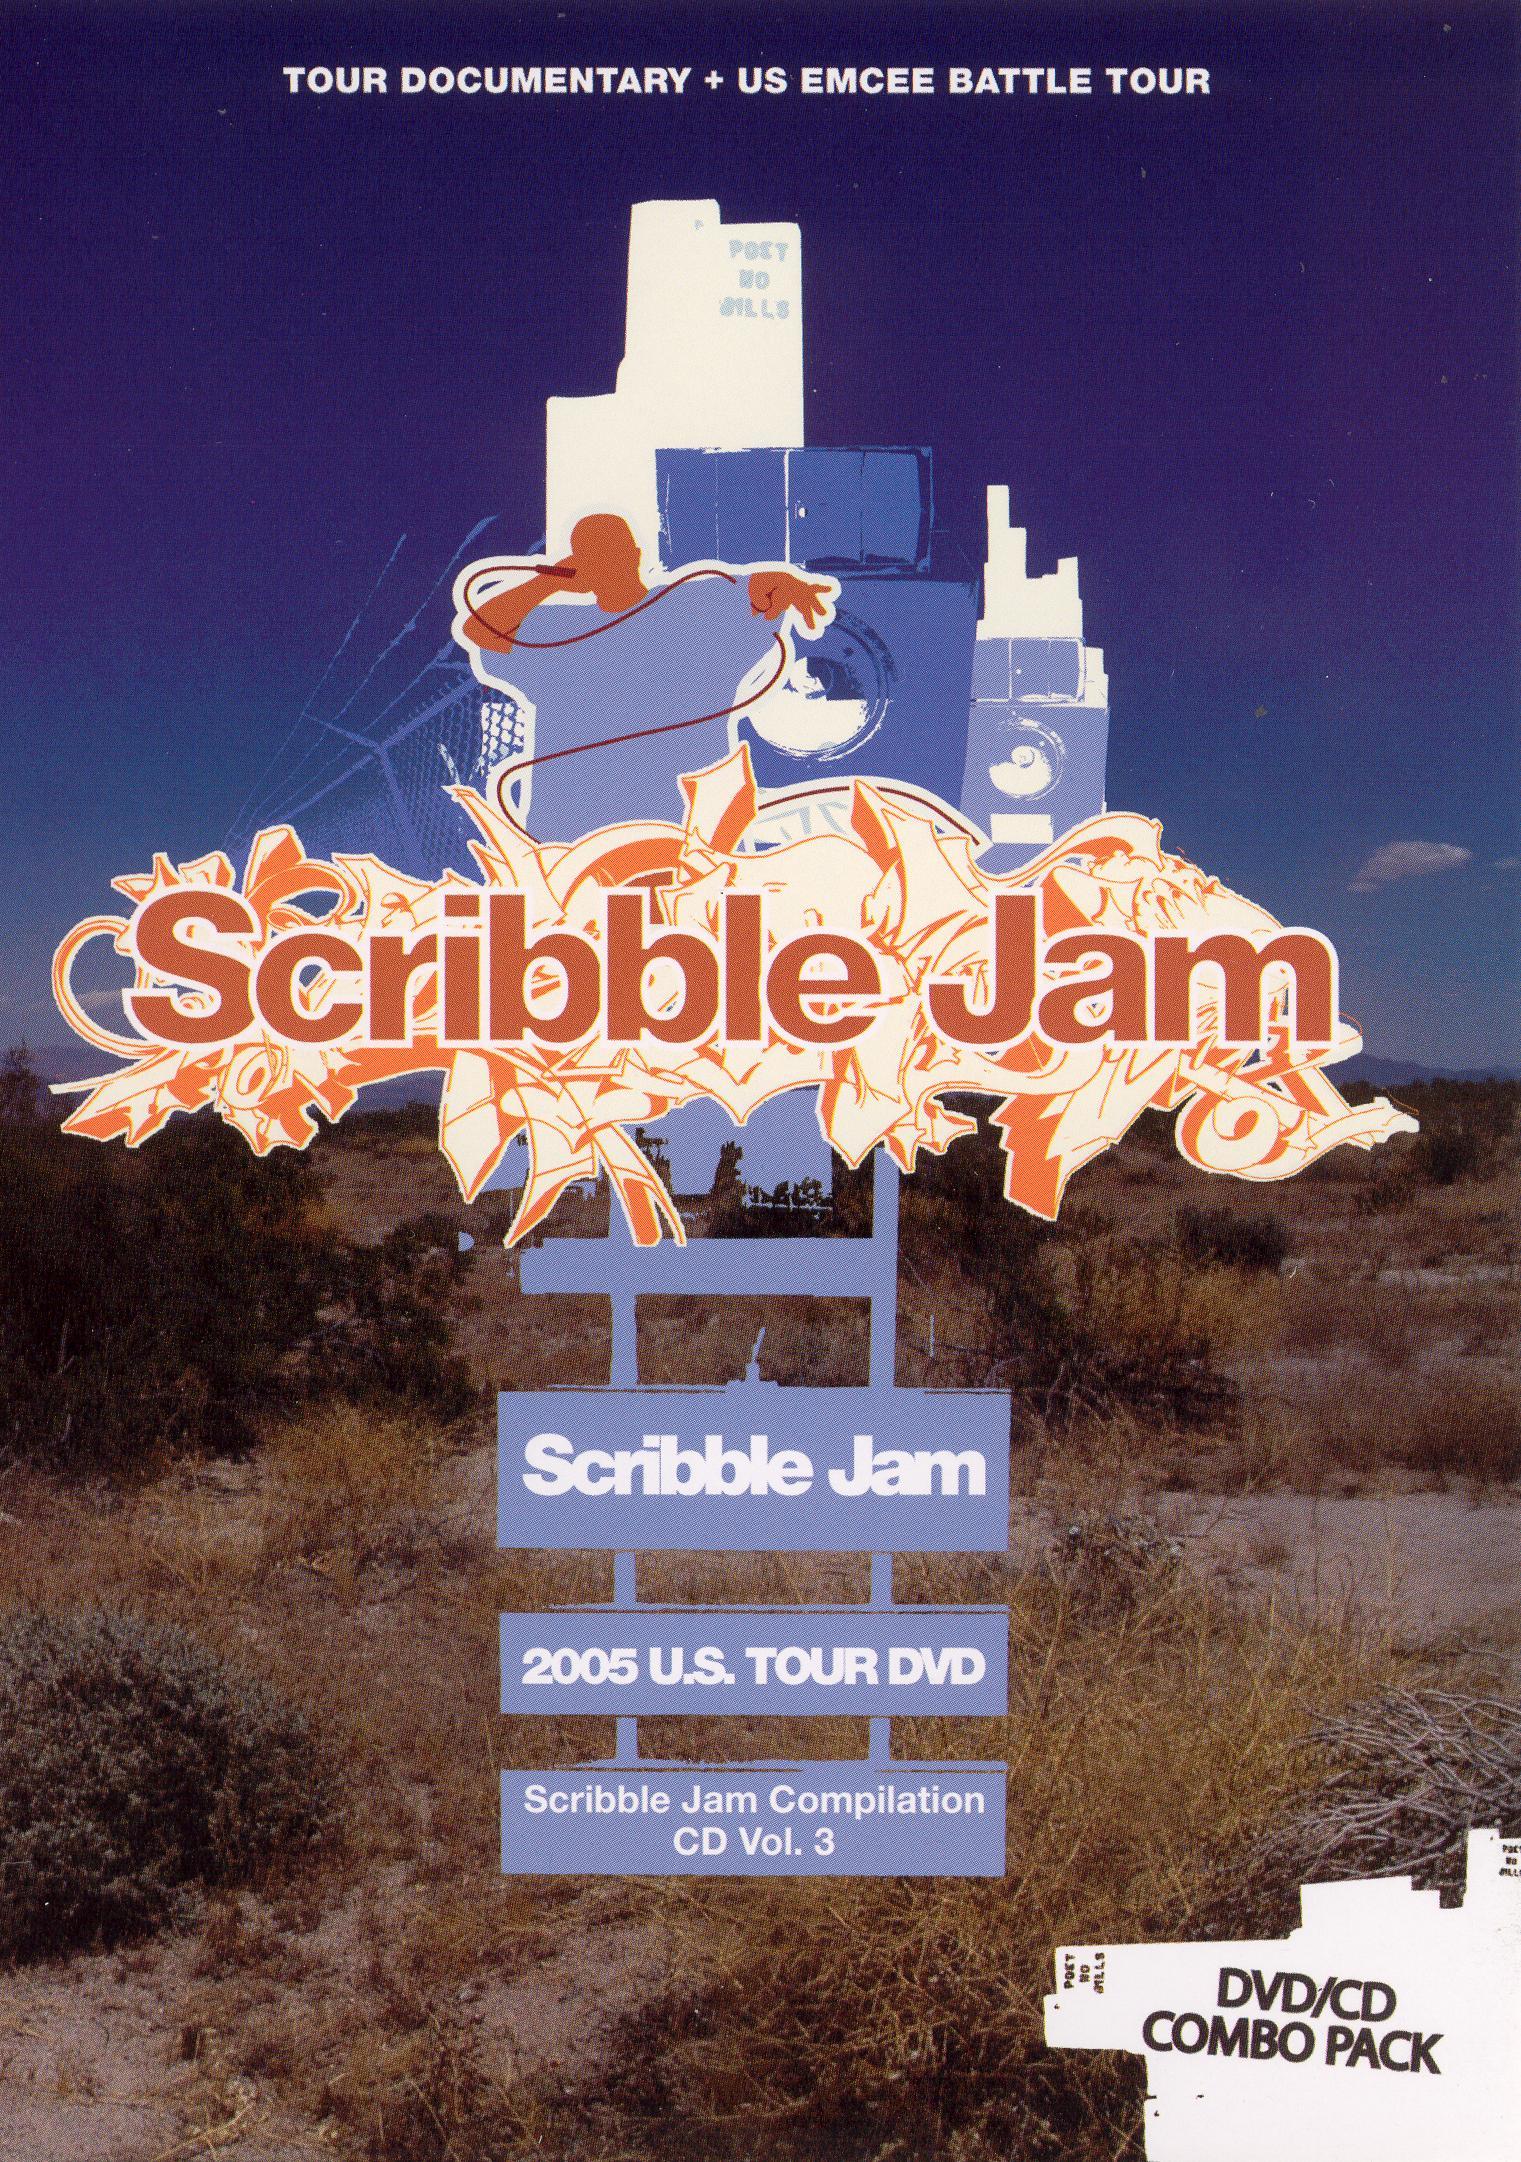 Scribble Jam 2005 U.S. Tour